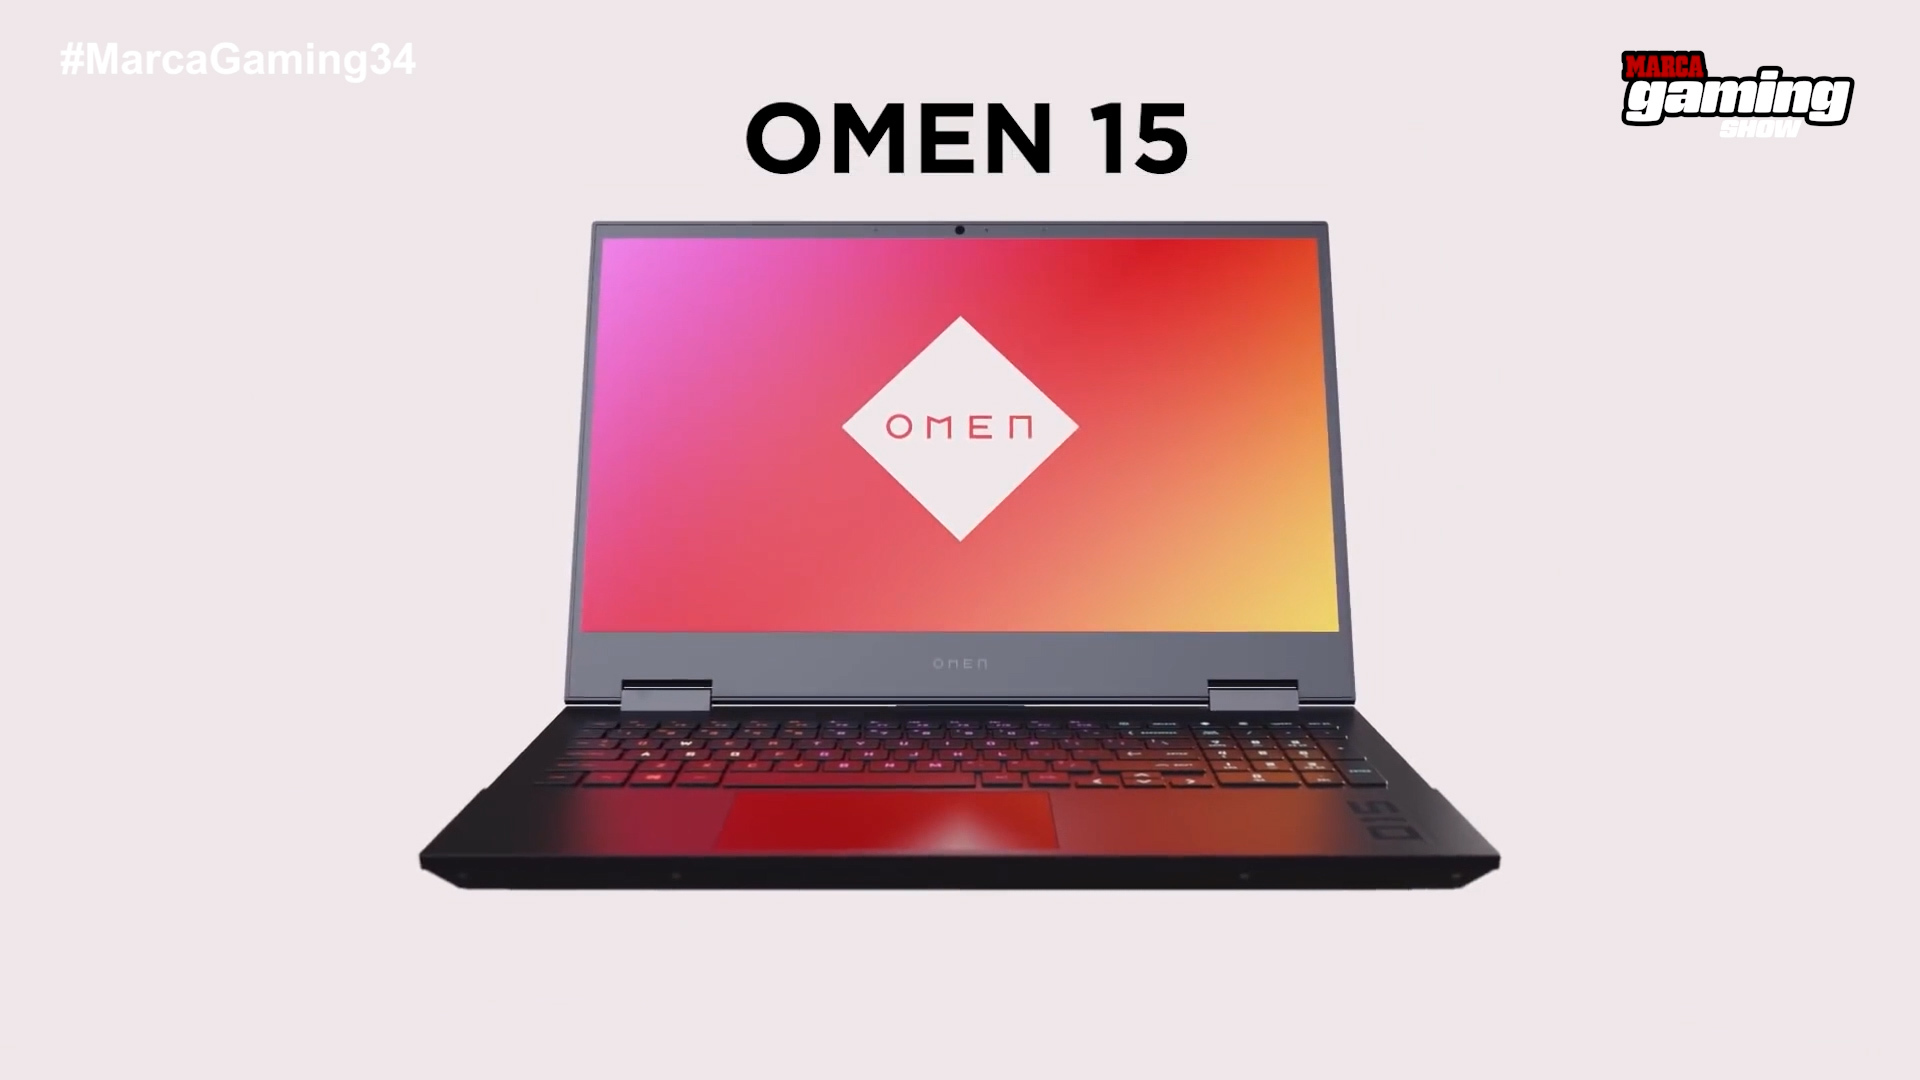 En #MARCAGaming34 sorteamos un ordenador portátil OMEN 15